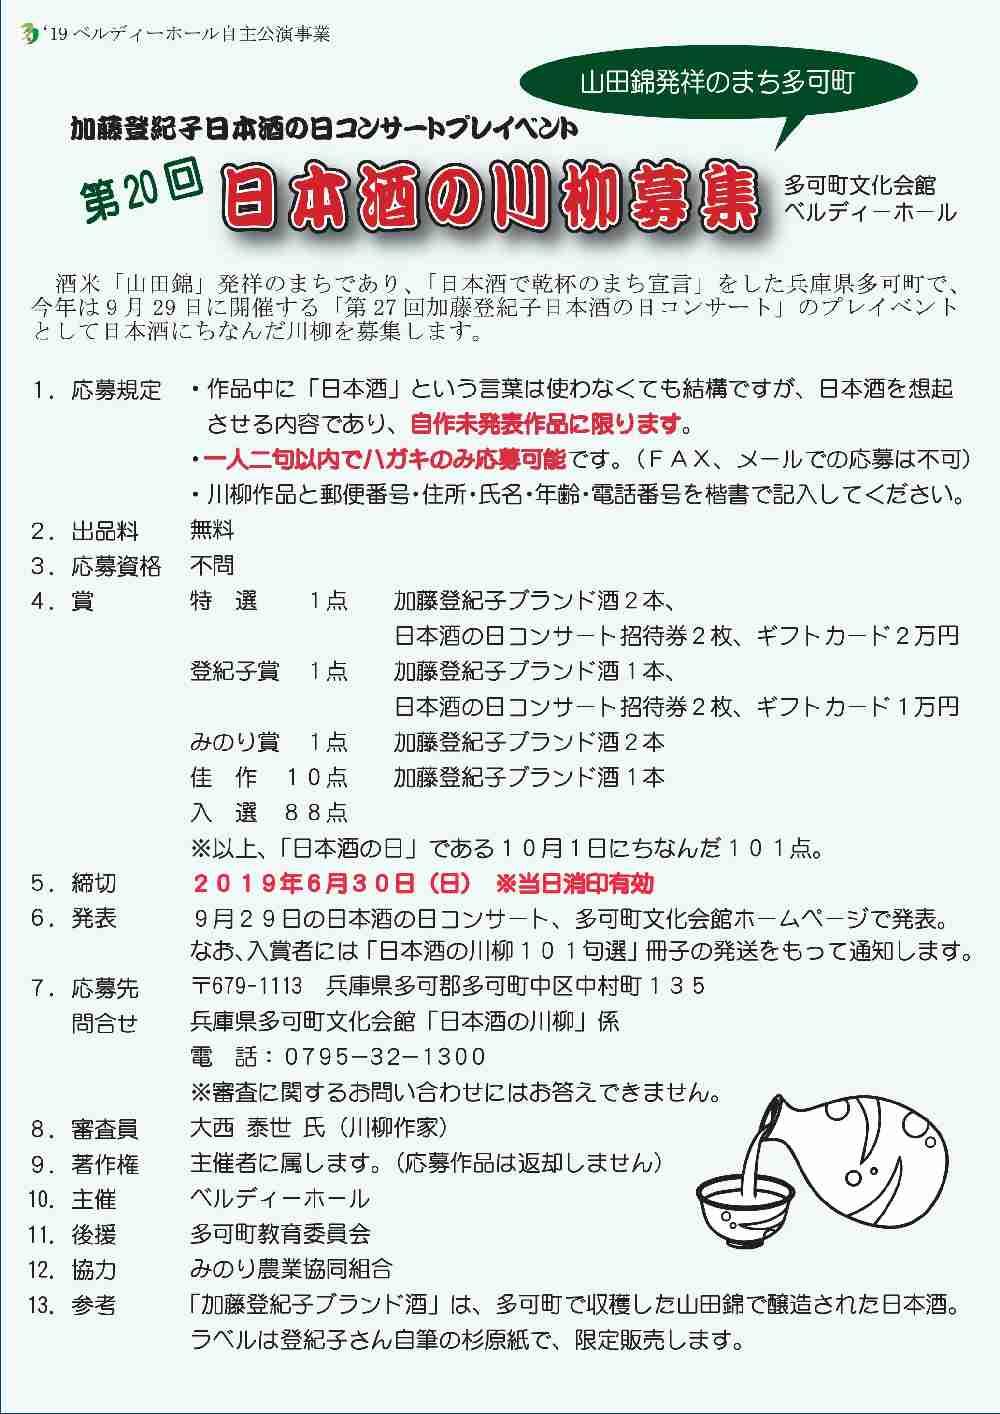 日本酒の川柳募集:ベルディーホール